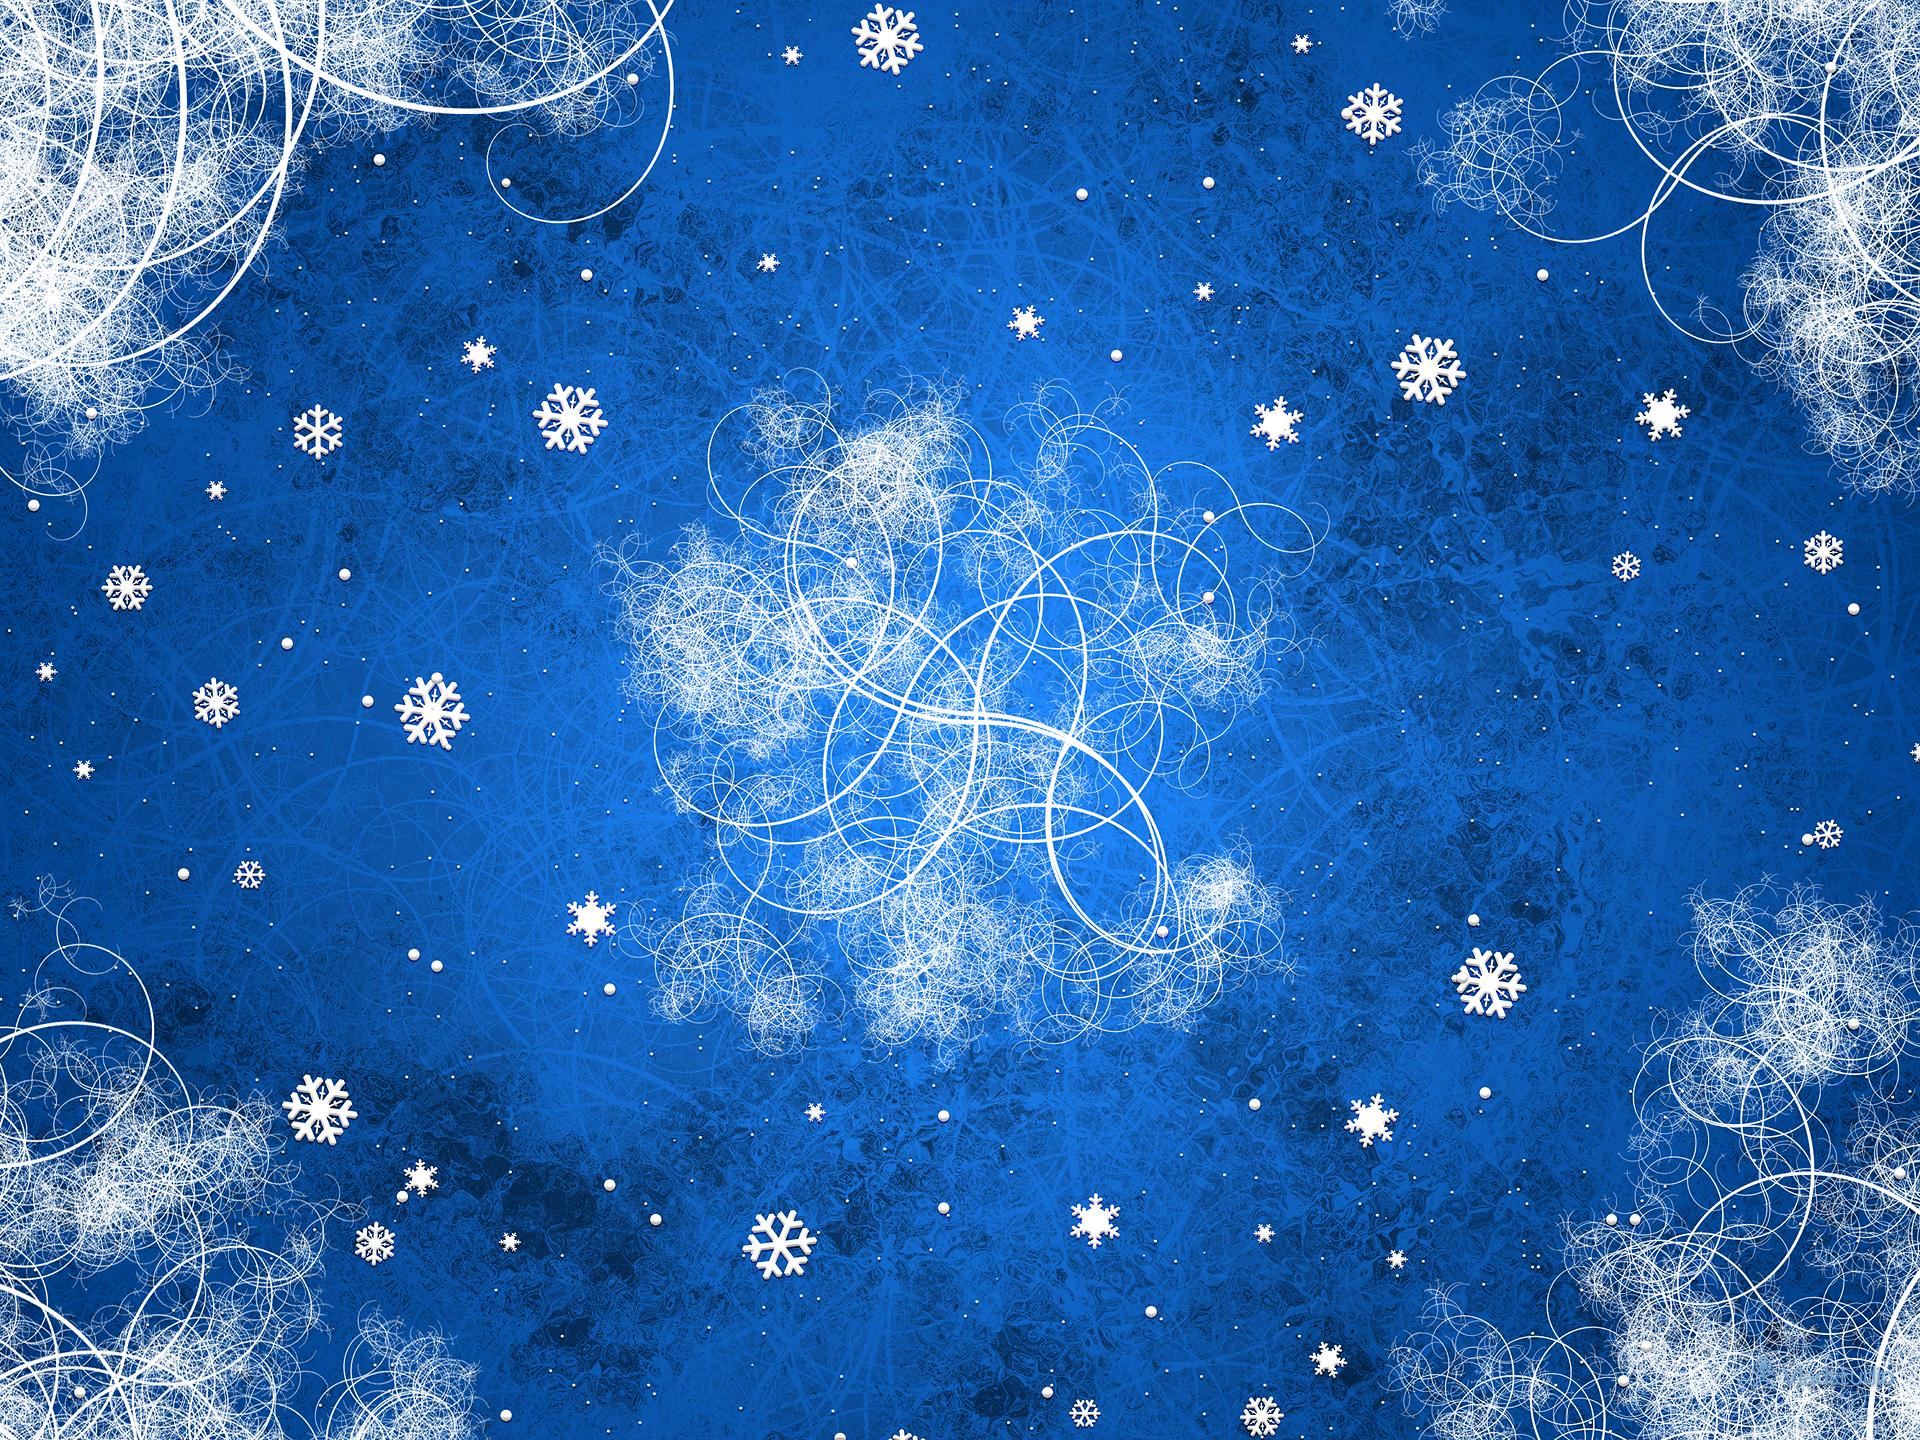 News and entertainment weihnachtskarten jan 05 2013 21 56 31 - Weihnachtskarten download ...